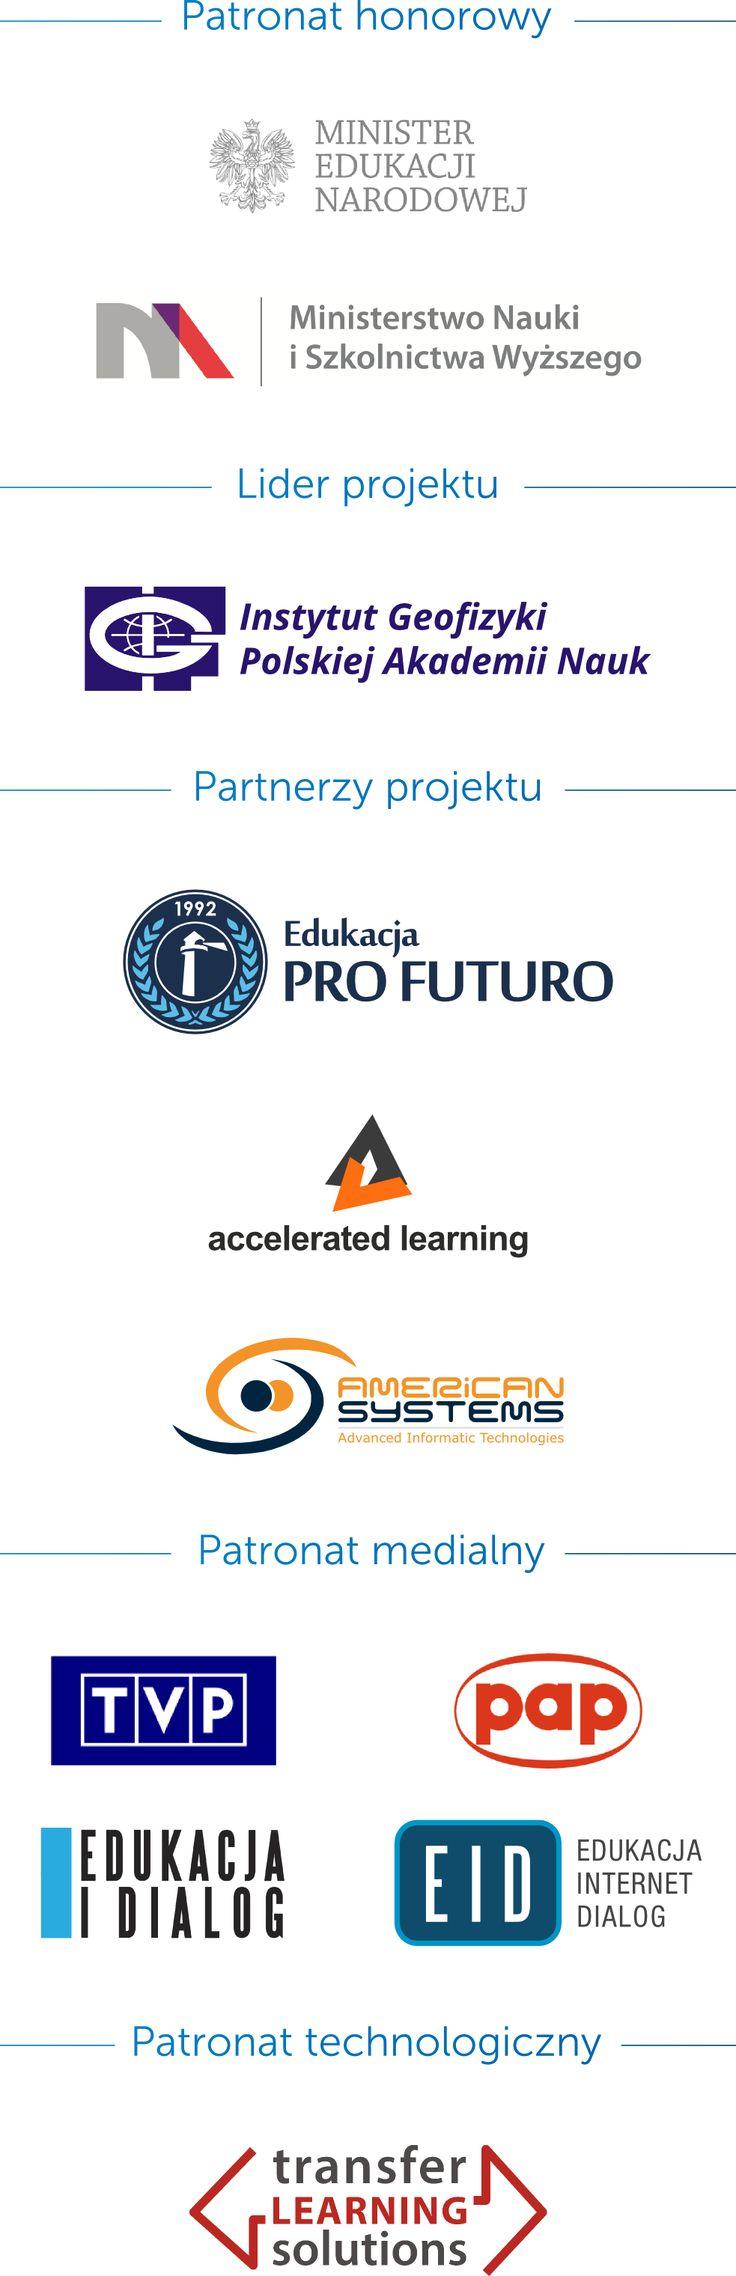 Eduscience, o cyfrowym nauczycielu, przyszłość nauk ścisłych